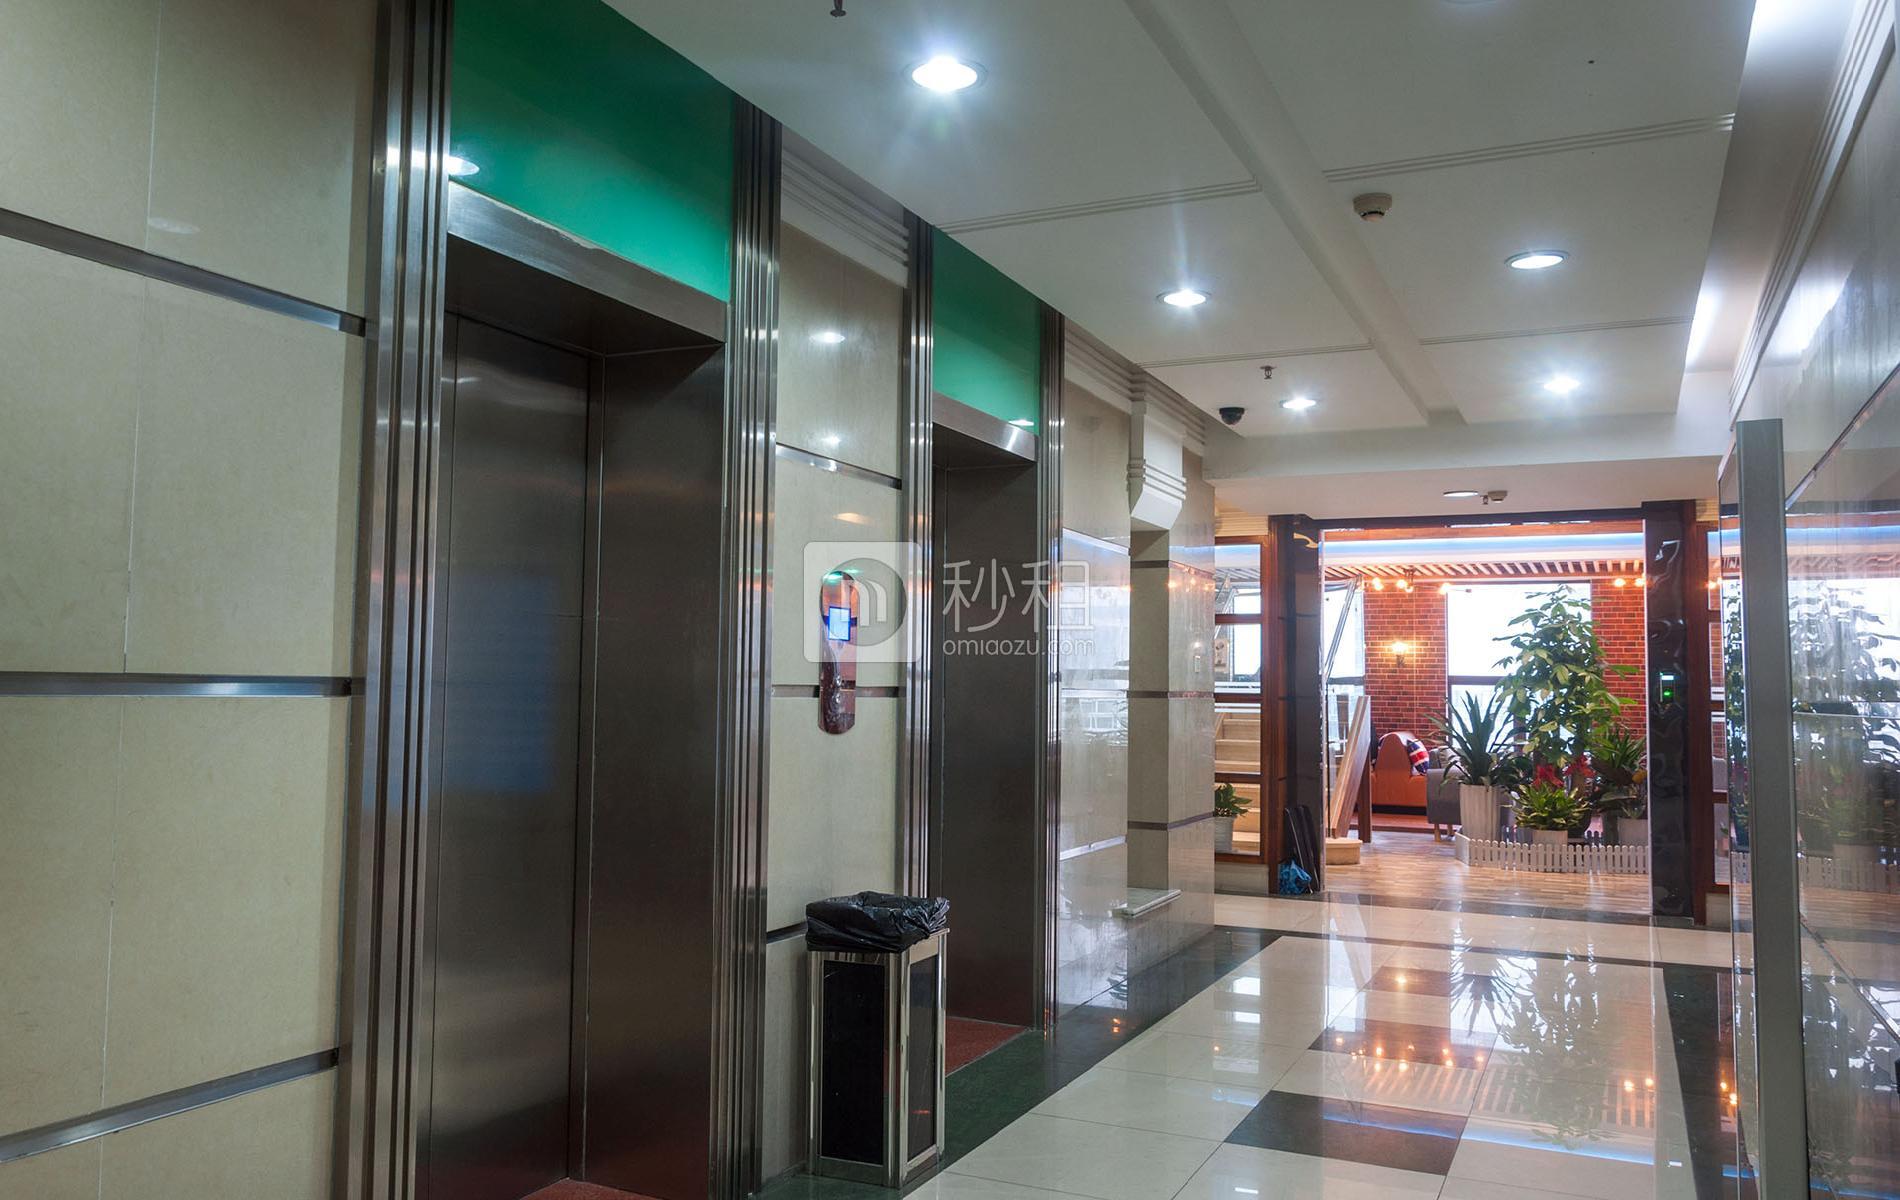 闽泰大厦写字楼出租/招租/租赁,闽泰大厦办公室出租/招租/租赁